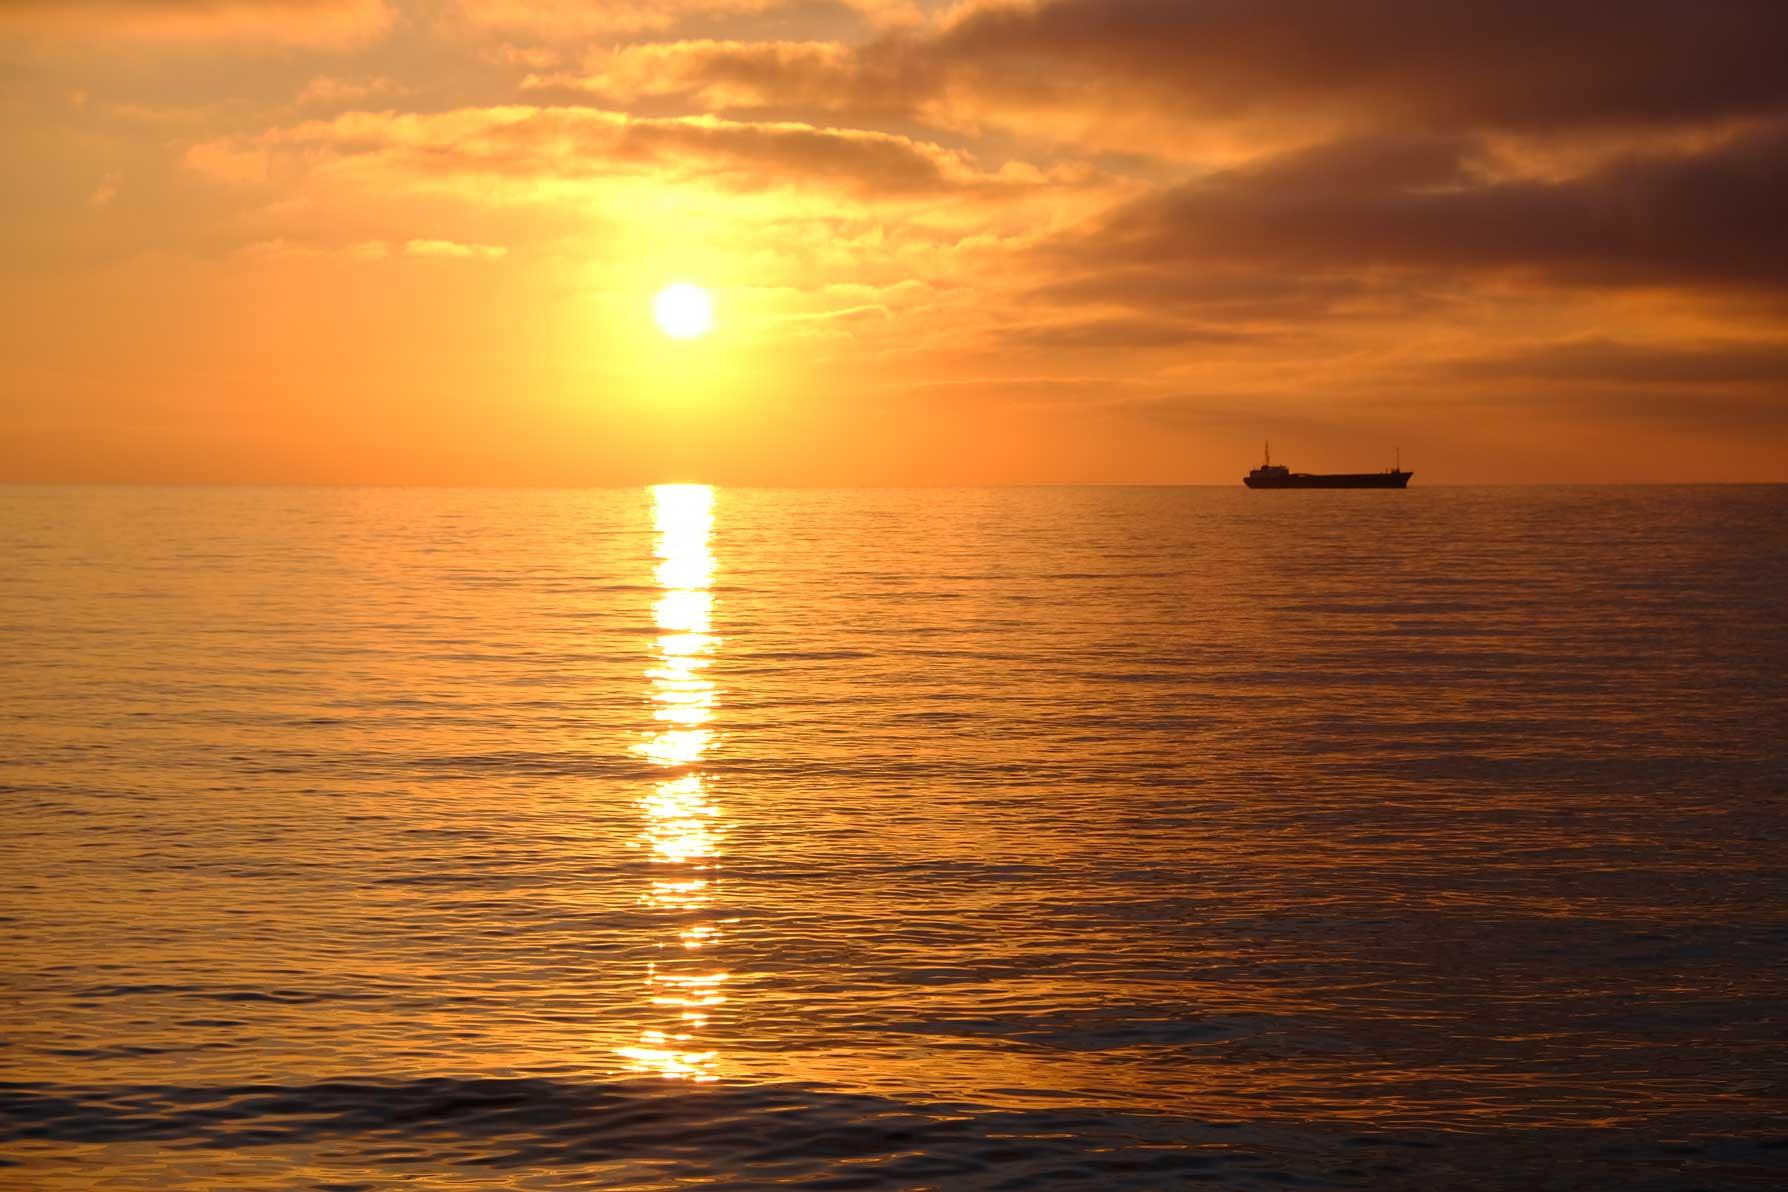 Starke Farben beim Sonnenuntergang